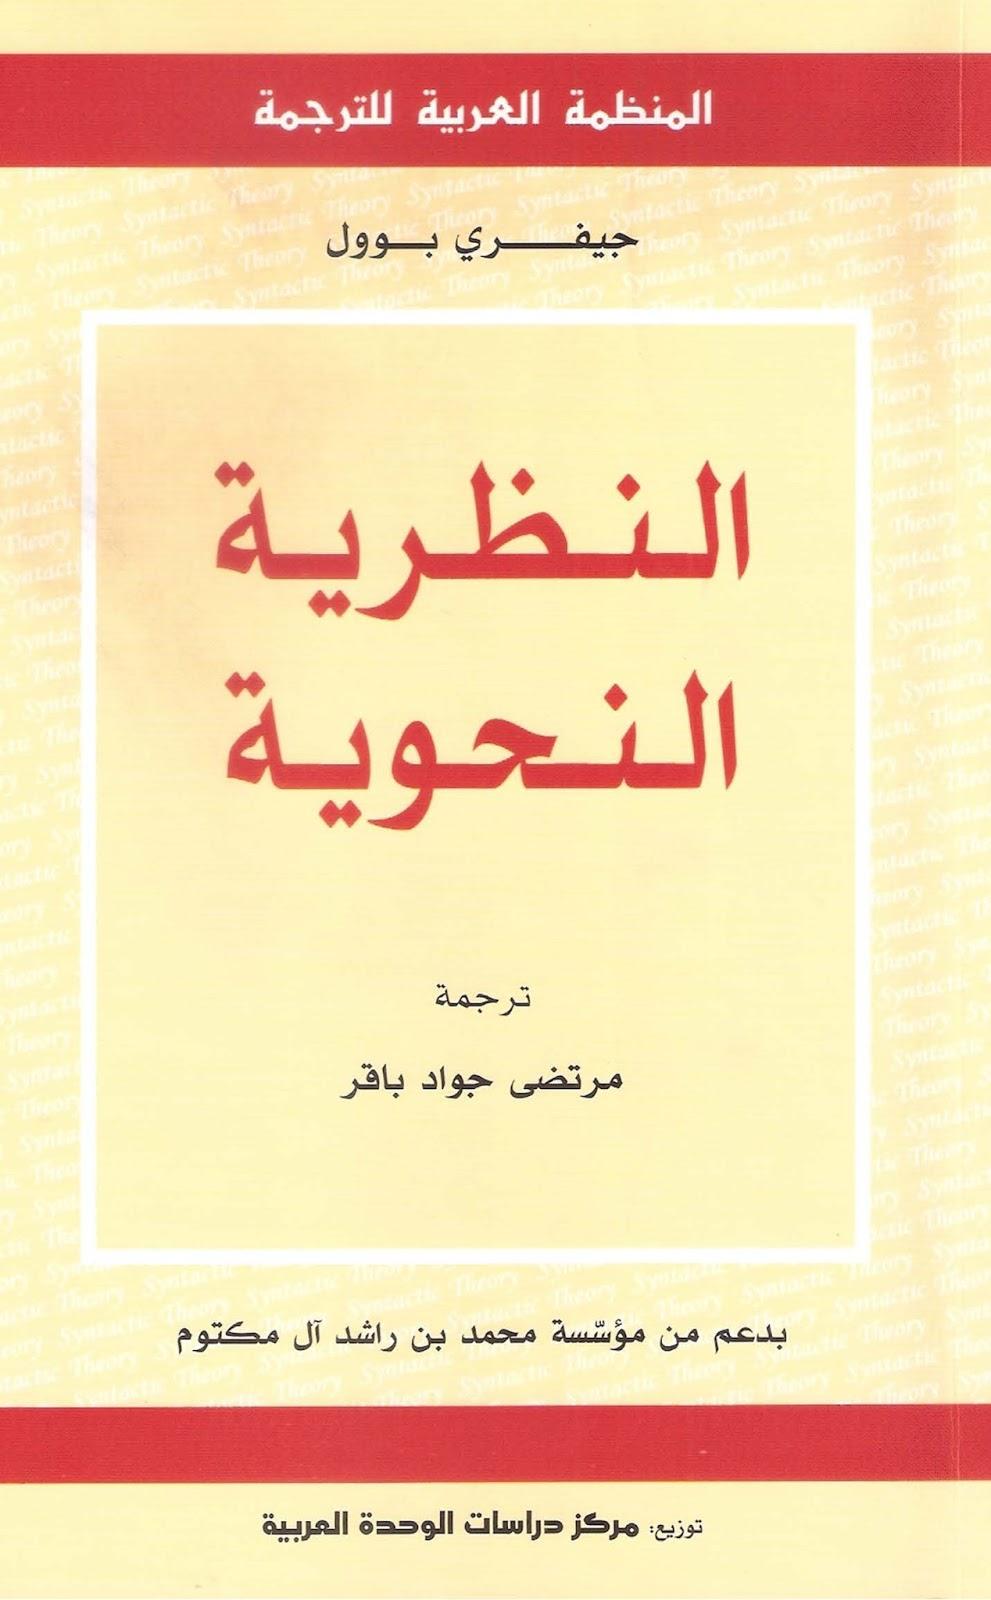 كتاب النظرية النحوية - جيفري بوول pdf